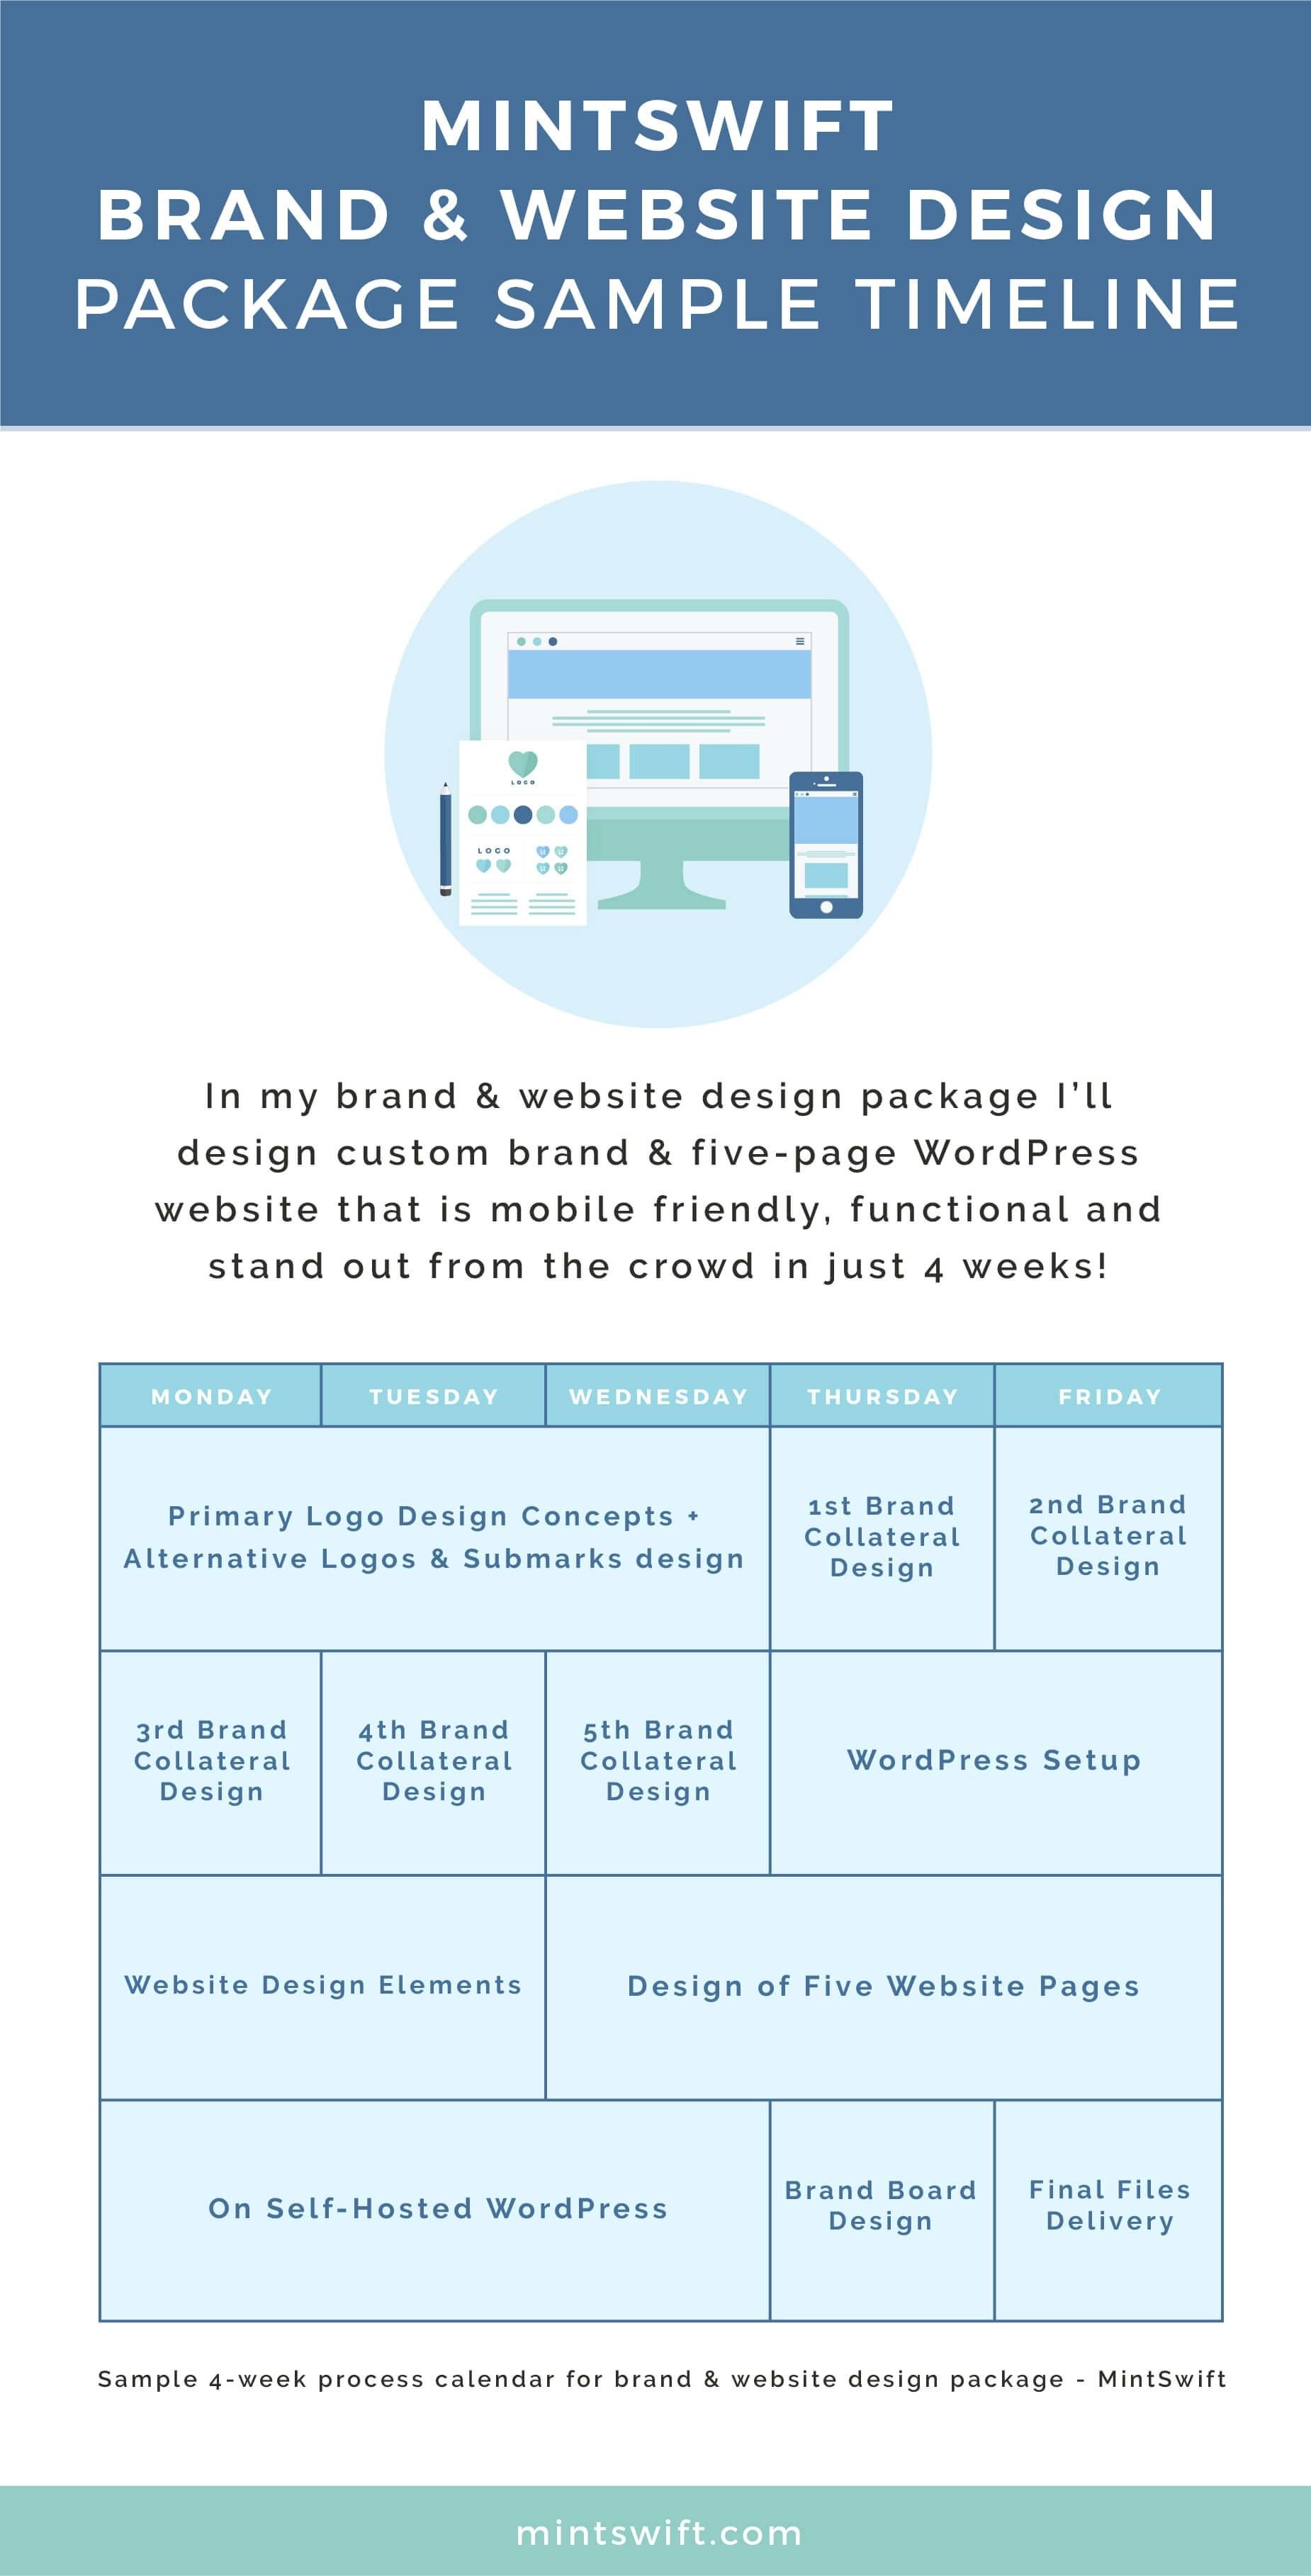 How I Design Brand Website in 4 Weeks An Inside Look at Brand – Sample Calendar Timeline